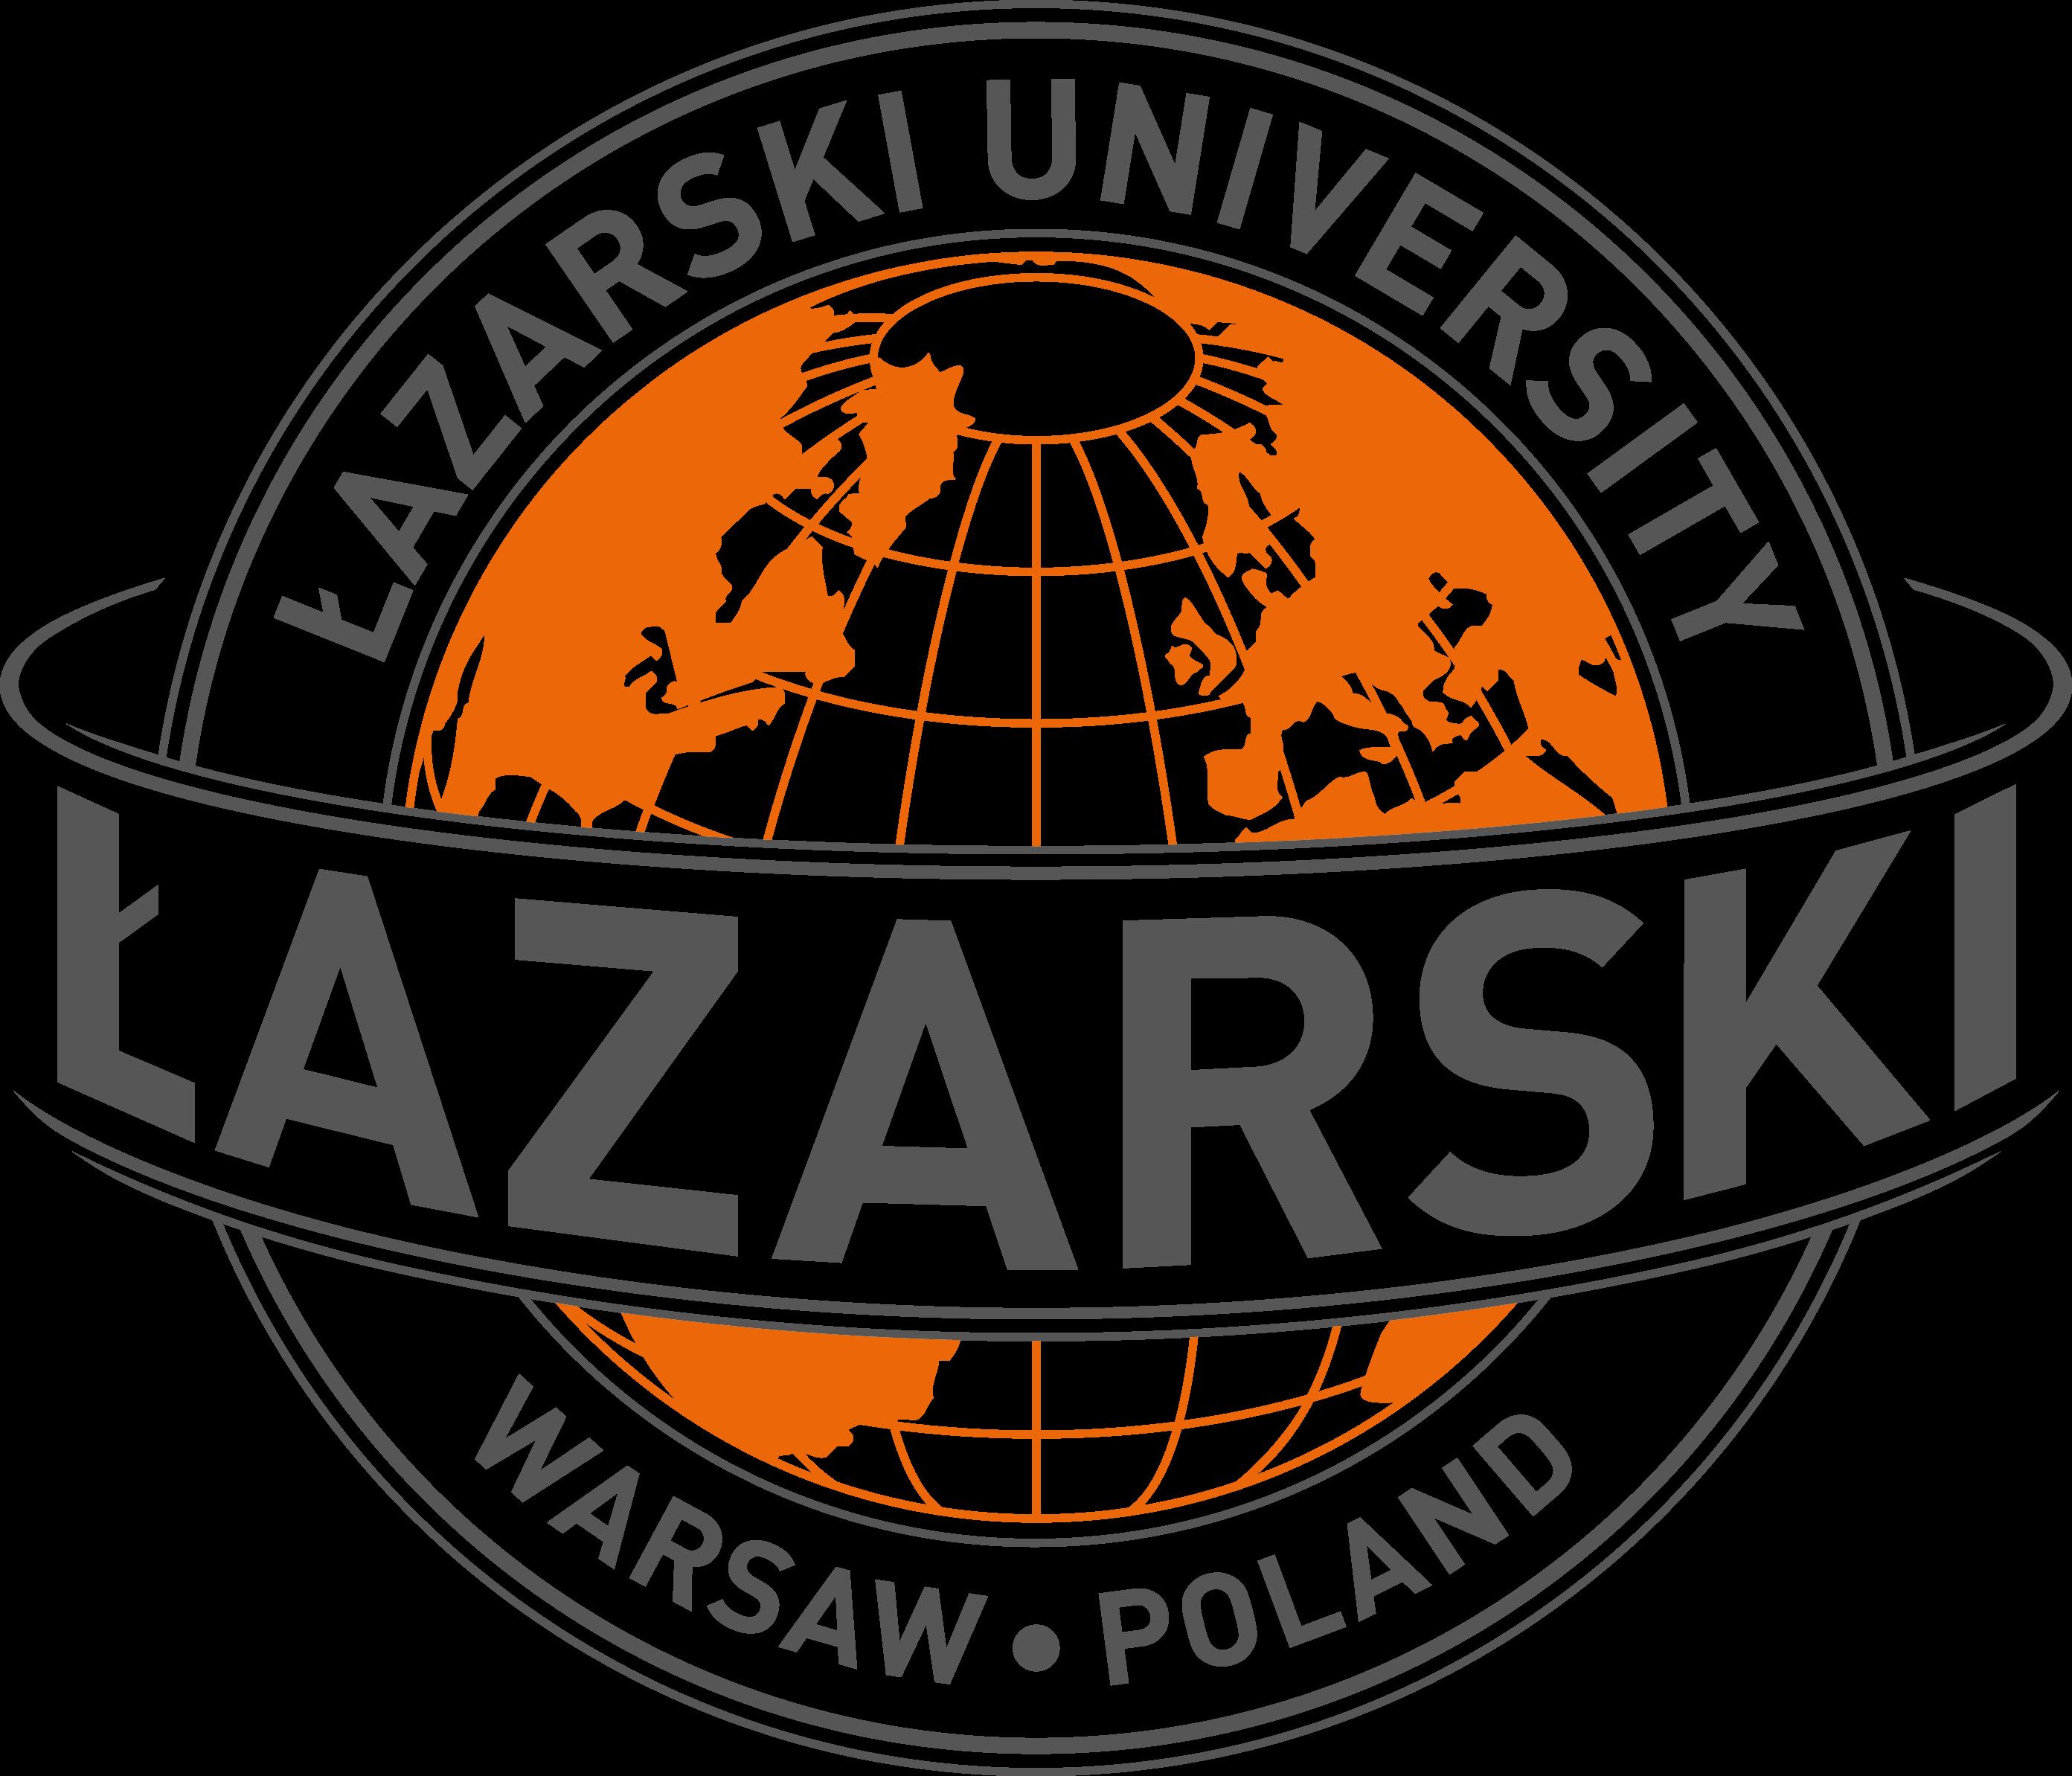 lazarskiuniversity